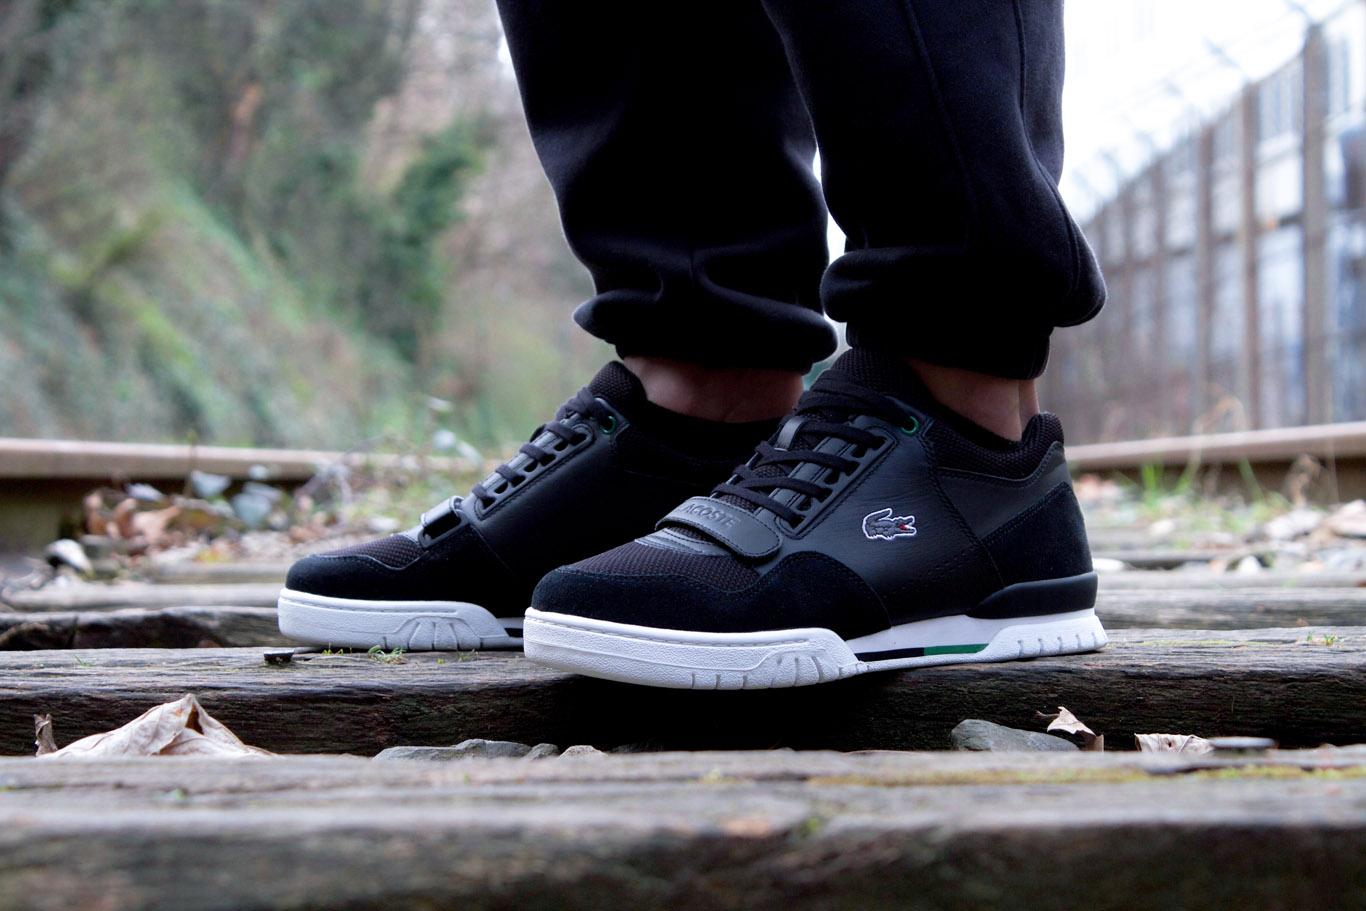 Sneakers Lacoste Missouri G117 2 SPORT BLACK